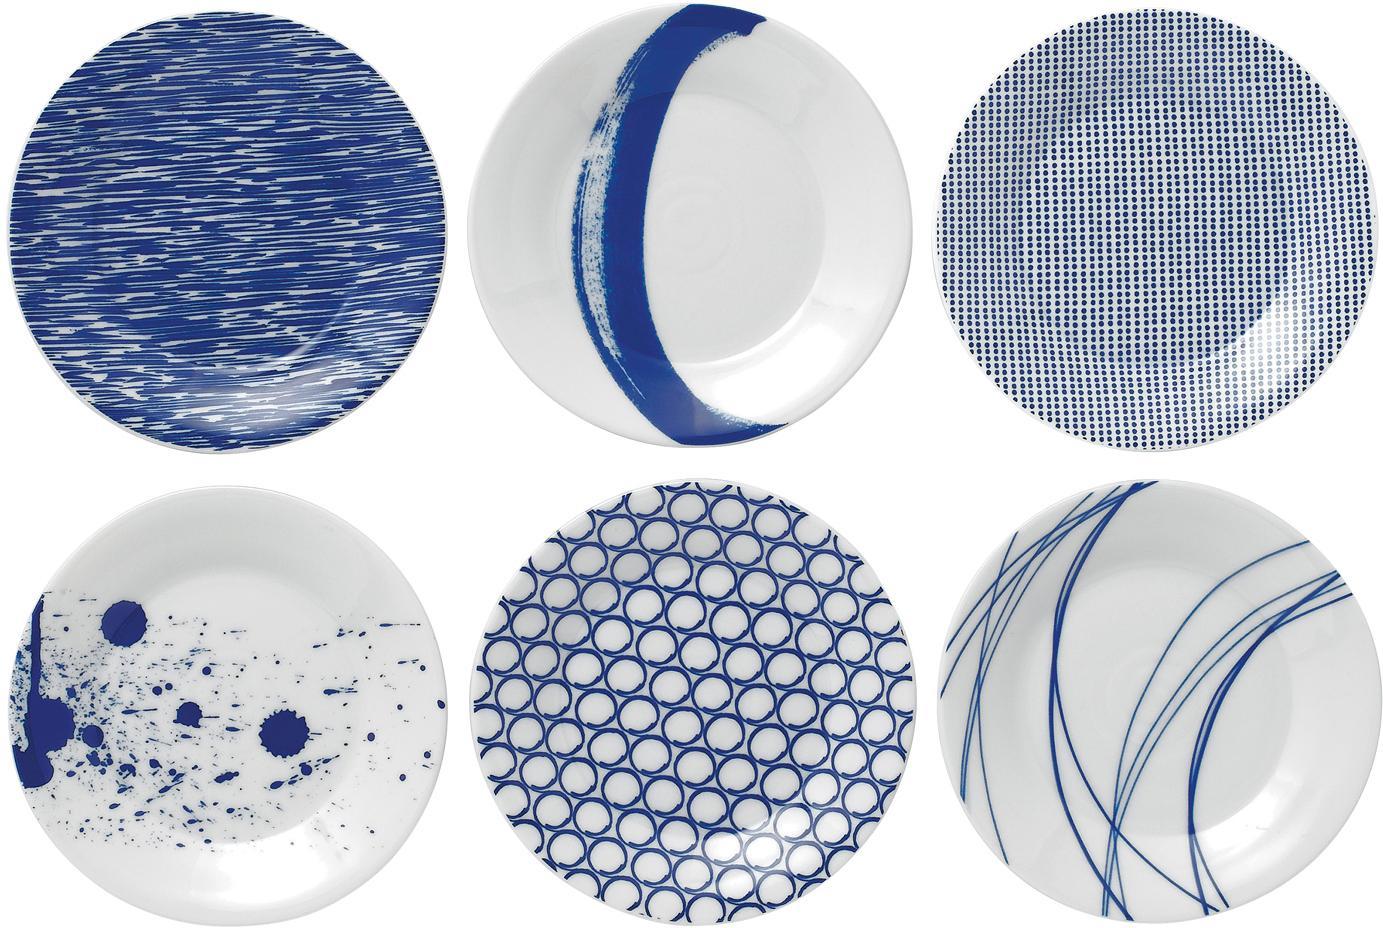 Komplet talerzy z porcelany Pacific, 6 elem., Porcelana, Biały, niebieski, Ø 16 cm